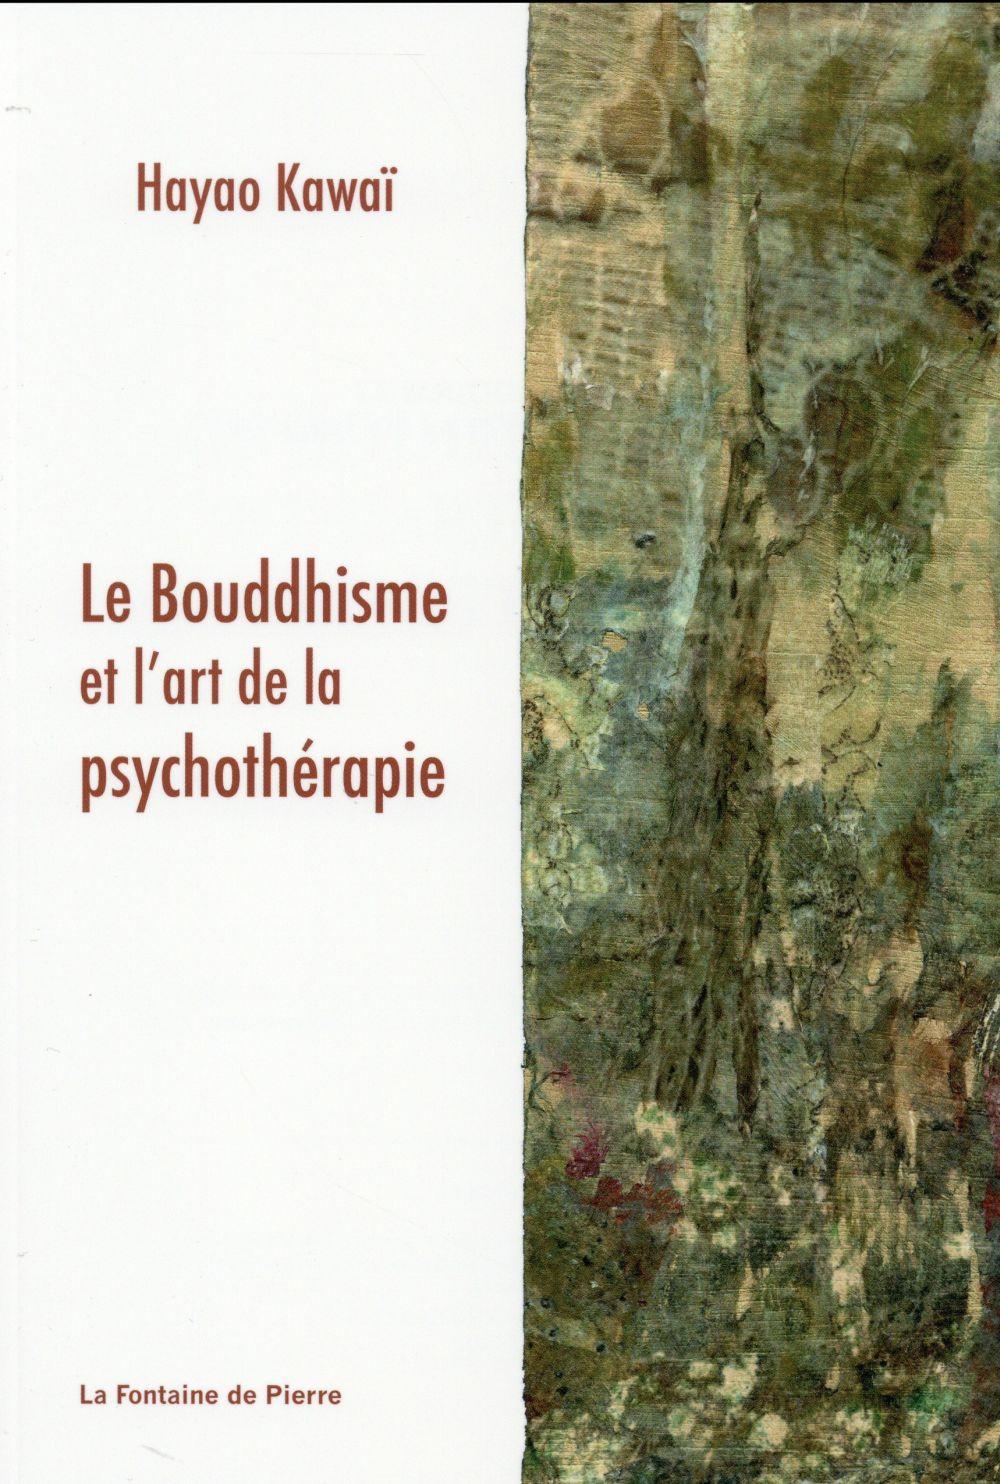 LE BOUDDHISME ET L'ART DE LA PSYCHOTHERAPIE